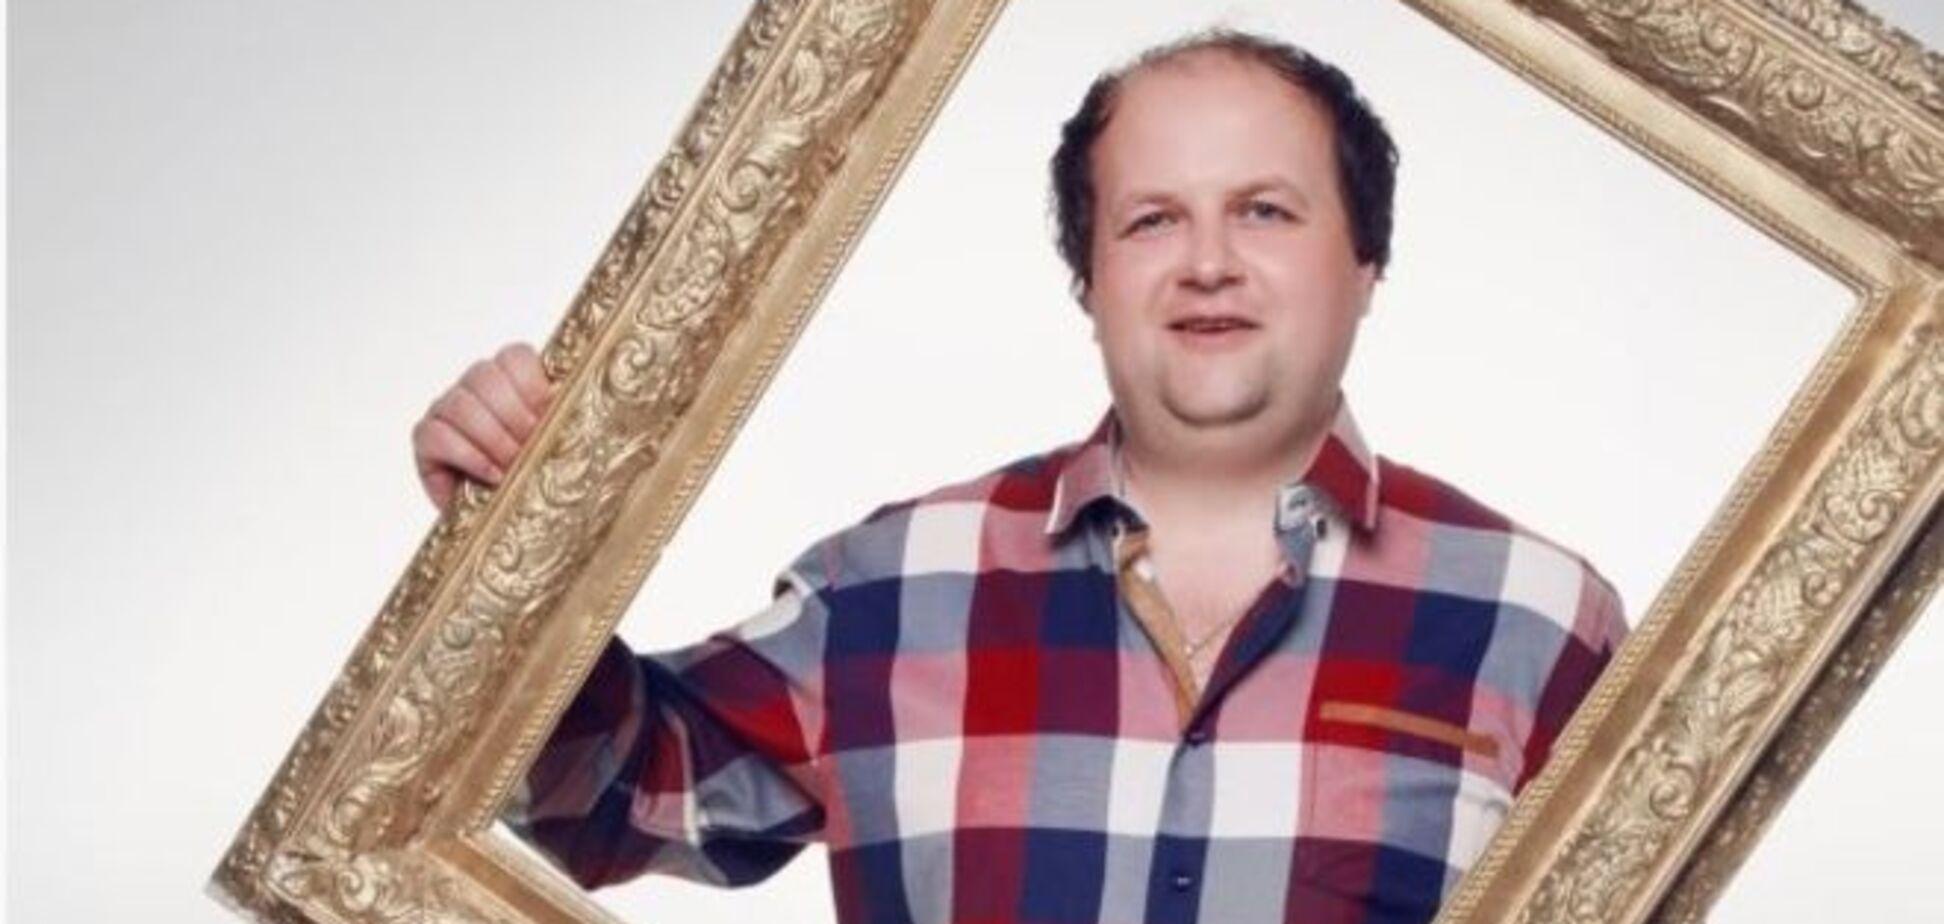 Лідер гурту 'ТІК' Віктор Бронюк: У мене почали з'являтися думки, що треба їхати з України